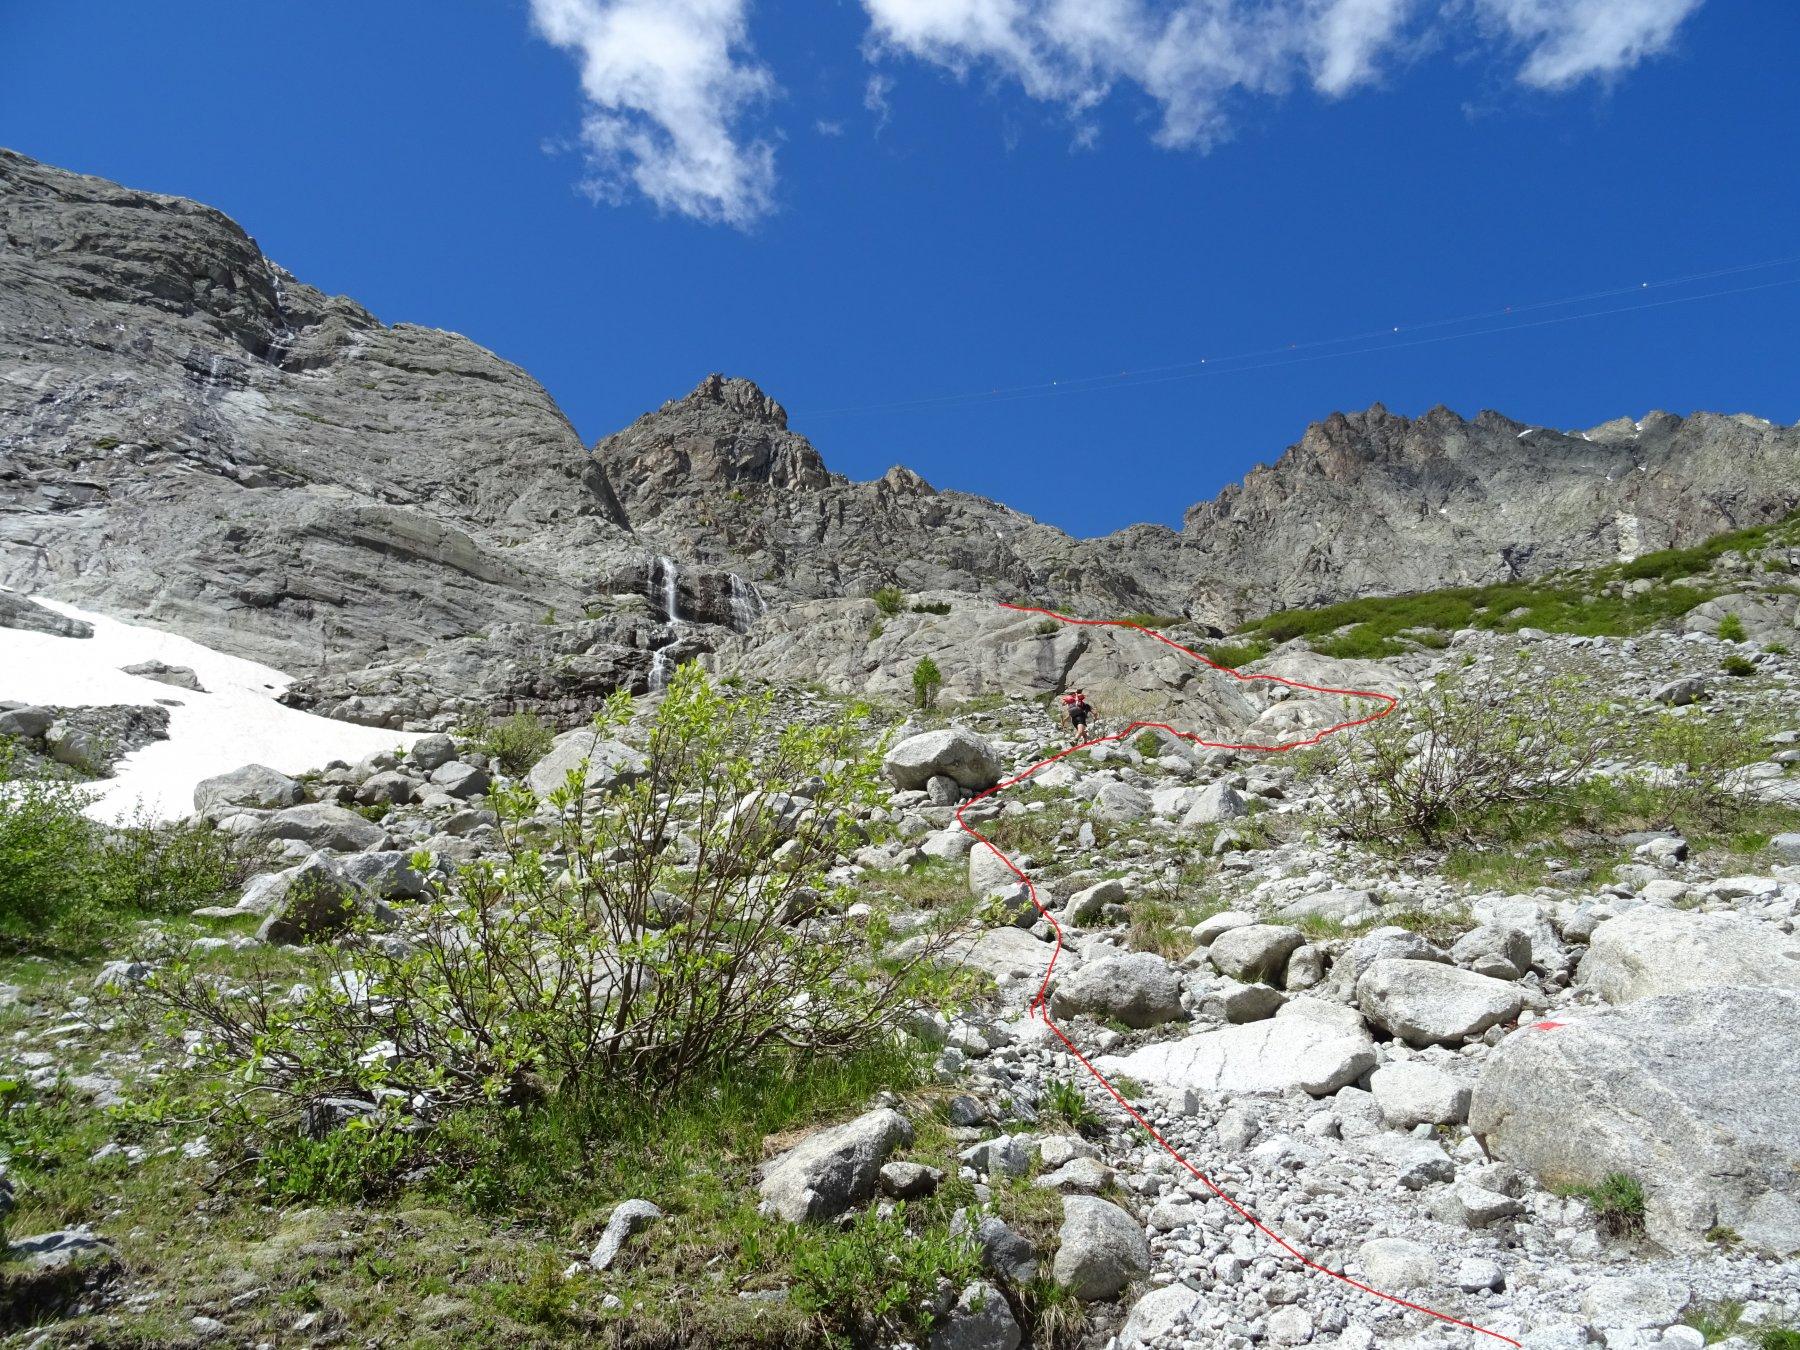 In rosso la traccia di salita che porta alle prime funi del Sentiero Matarot.